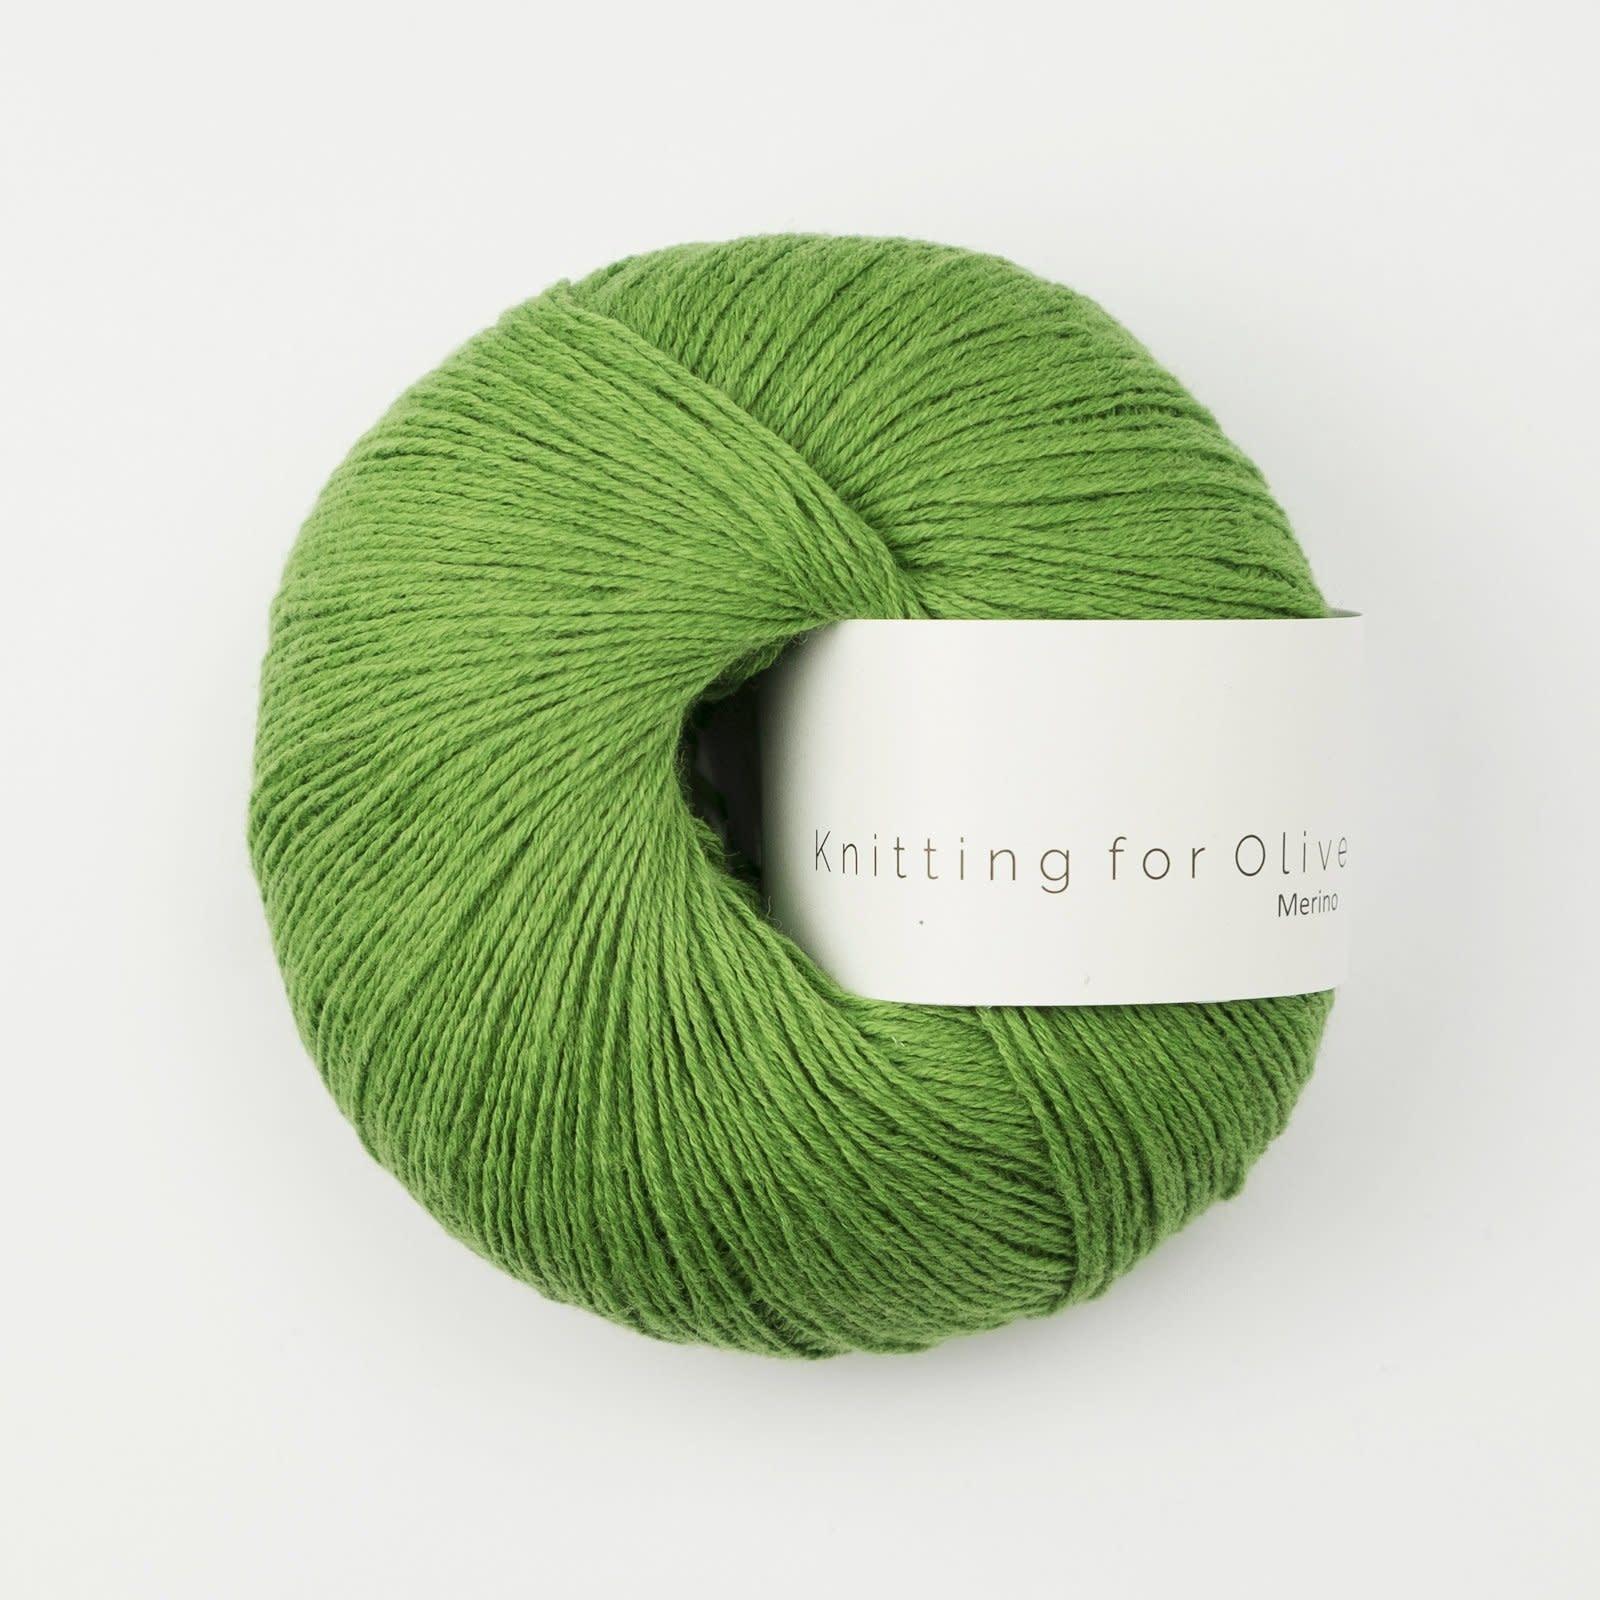 knitting for olive Knitting for Olive Merino - Clover Green